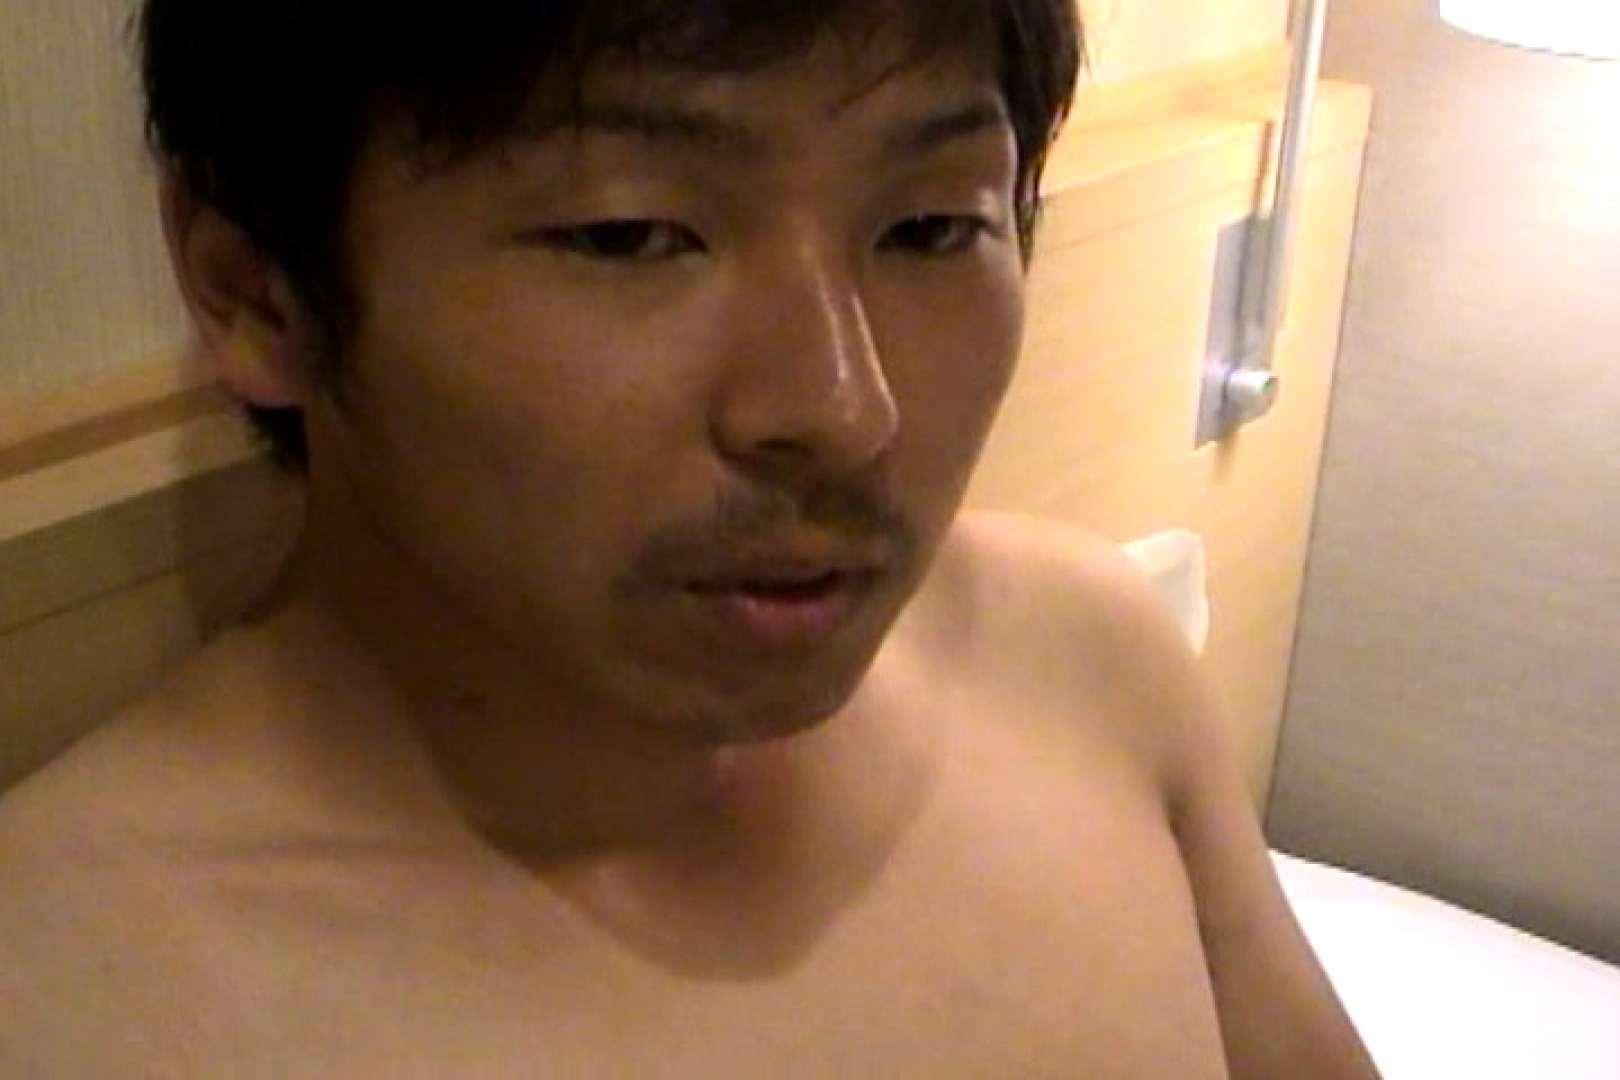 三ツ星シリーズ 魅惑のMemorial Night!! 突入02 三ツ星シリーズ ゲイ丸見え画像 69枚 3